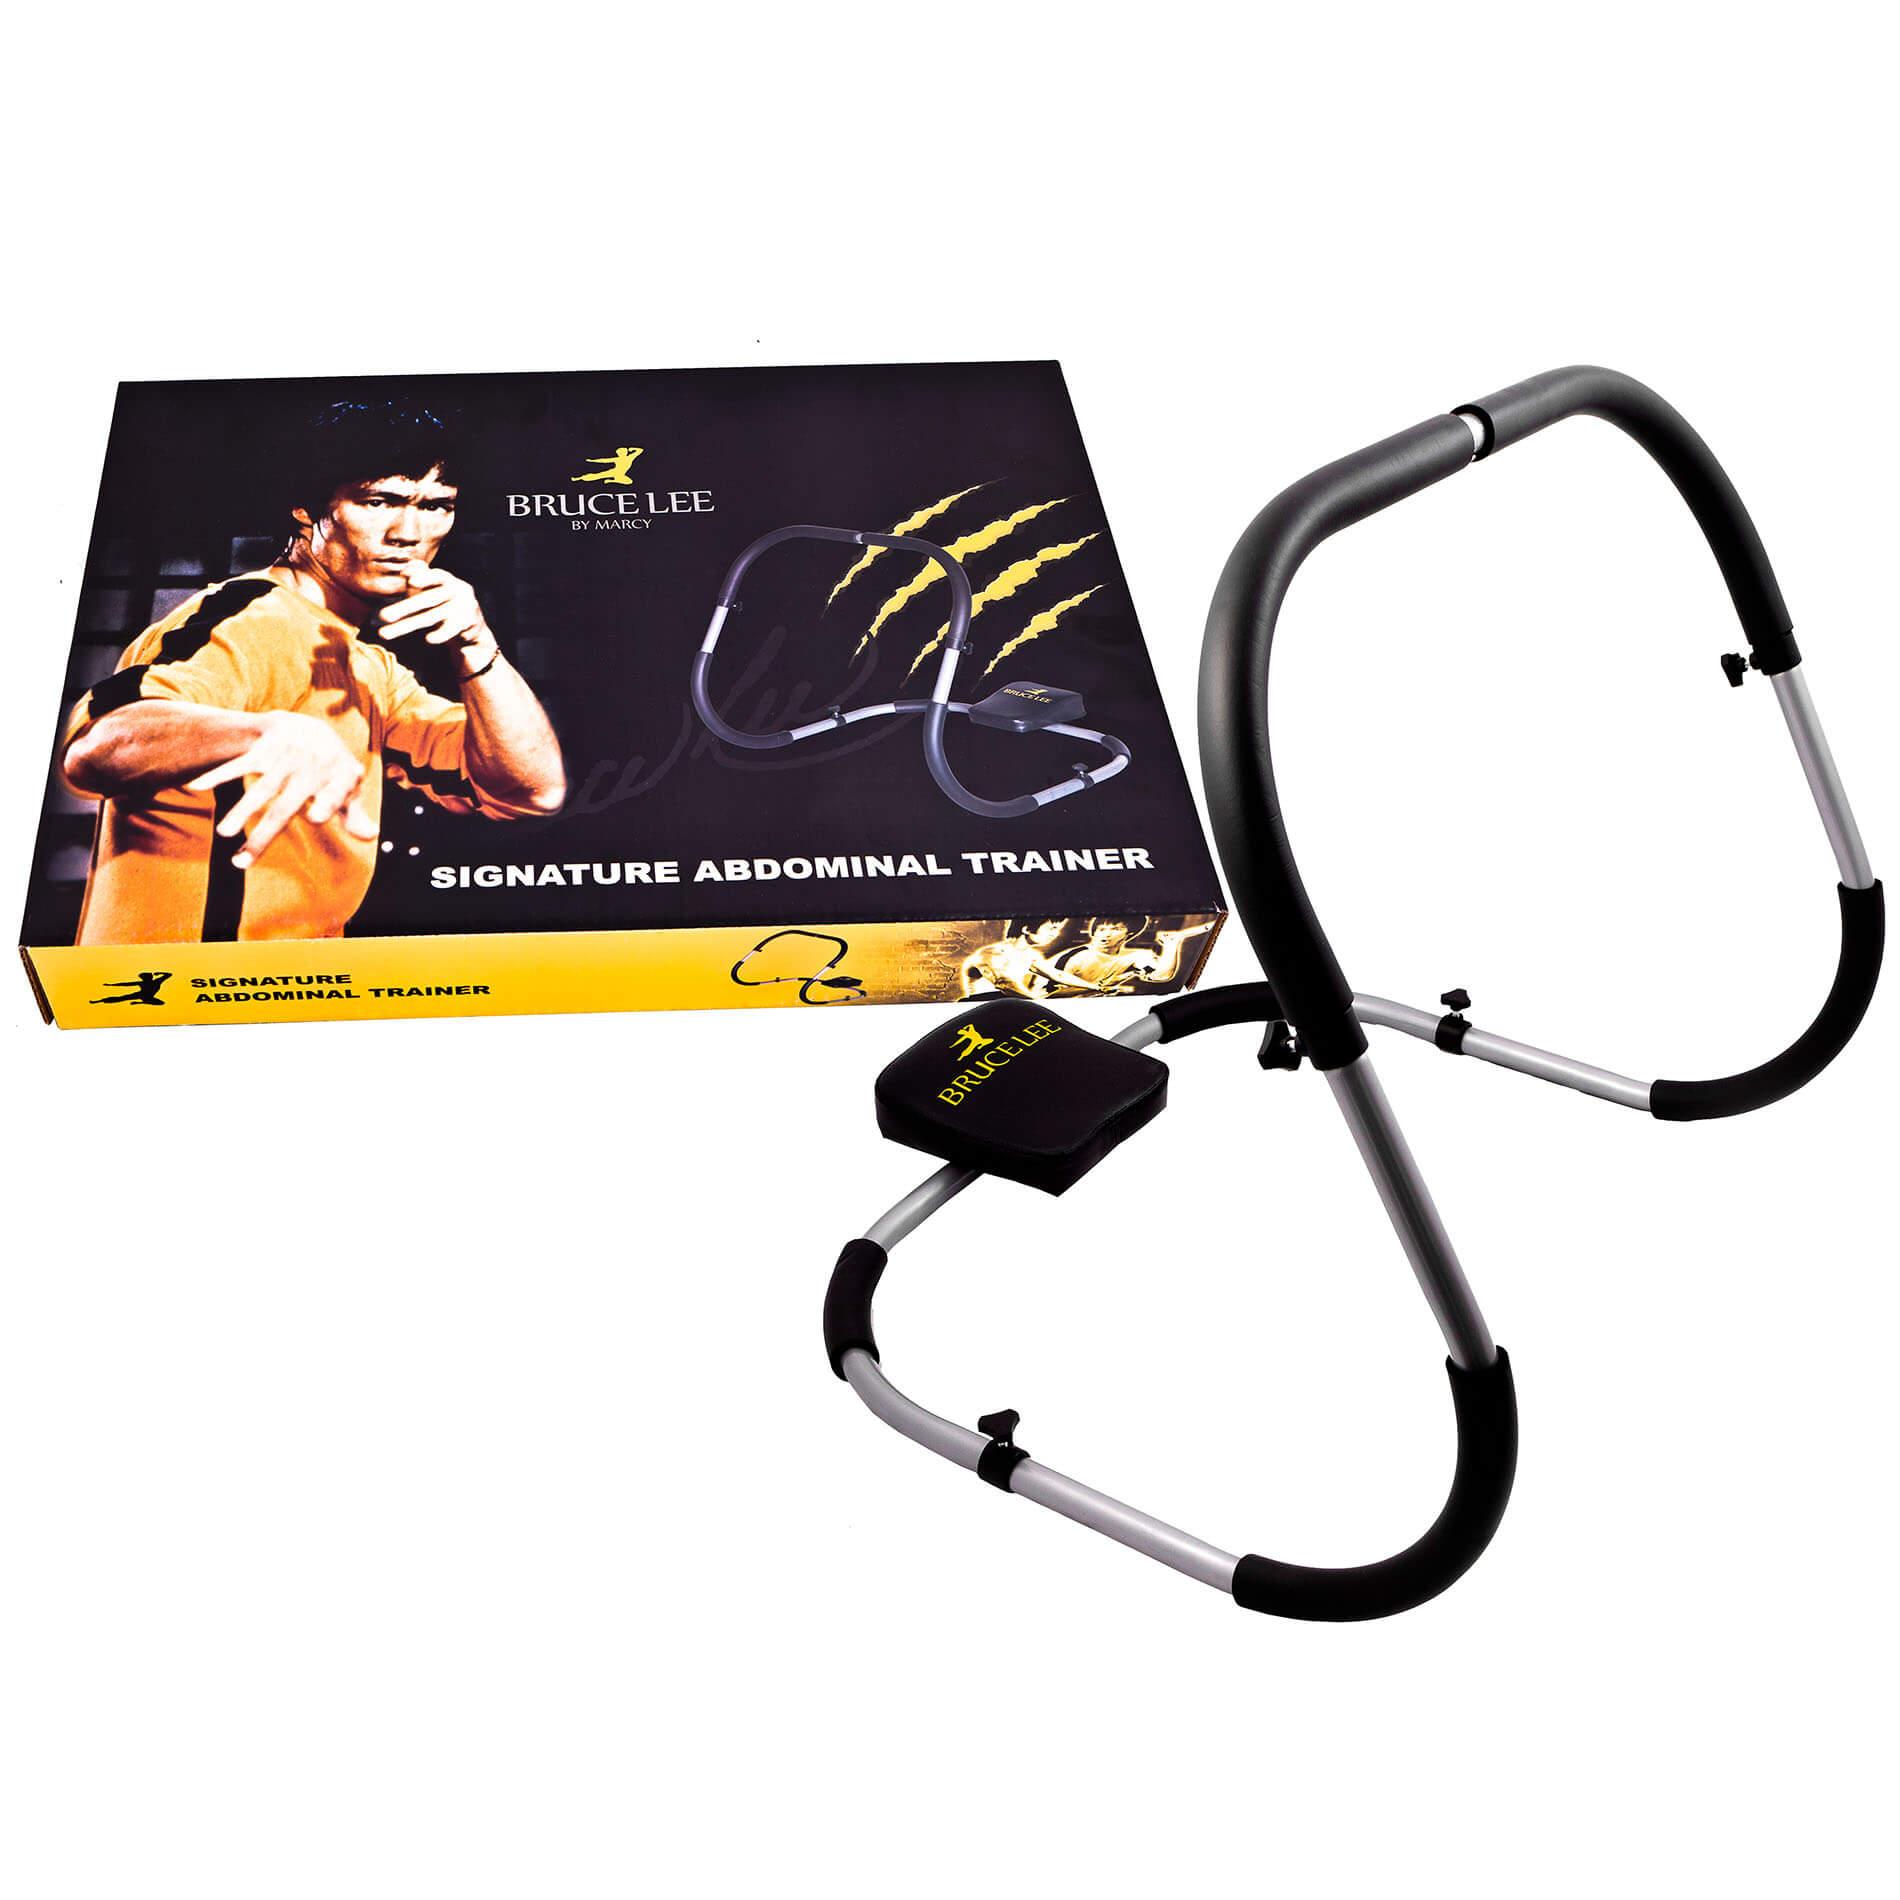 Signature Abdominal Trainer